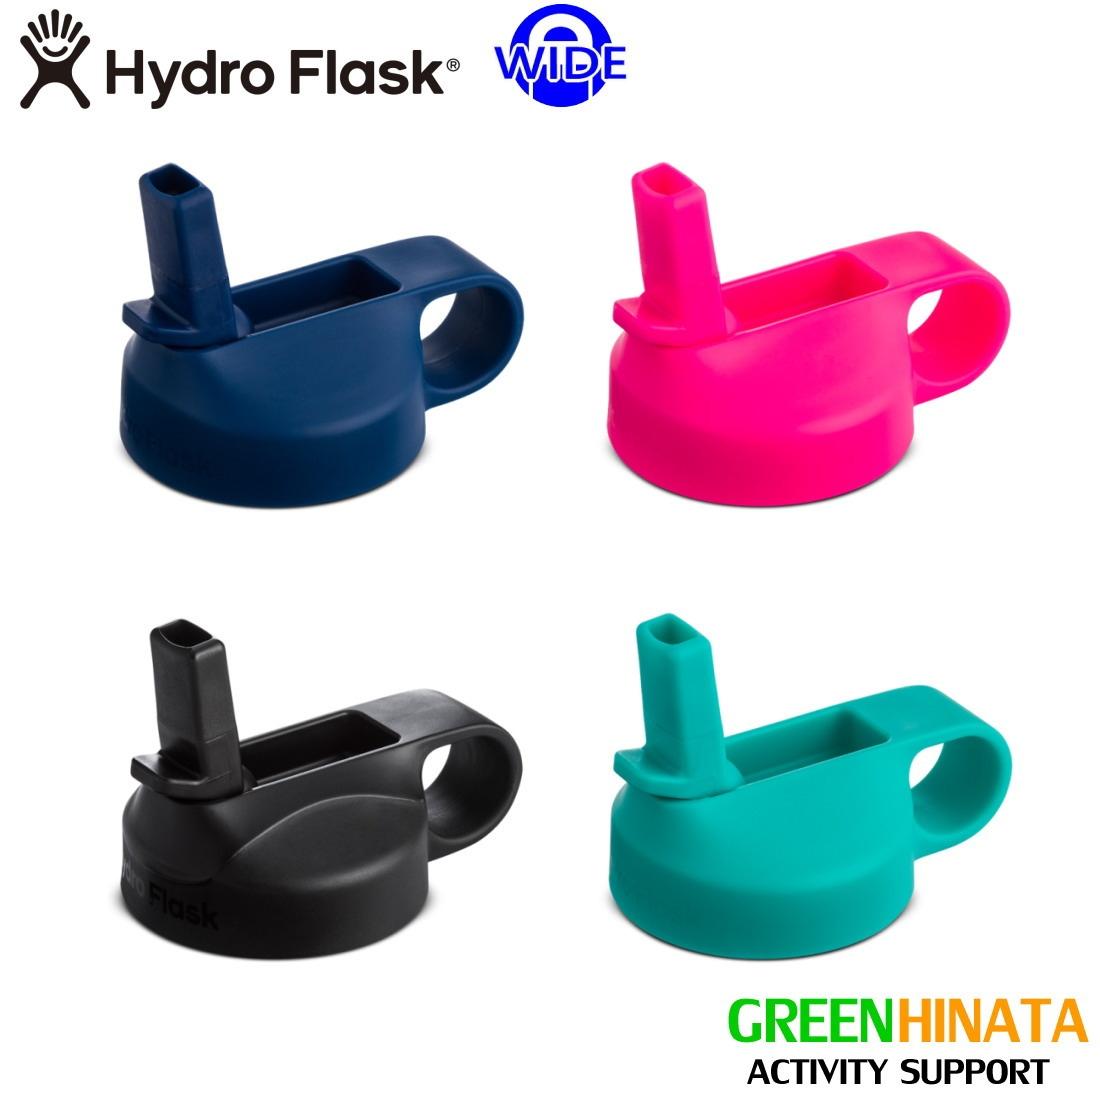 ハイドロフラスク ワイドマウスストローリッド 保温 保冷 ボトル 水筒  国内正規品